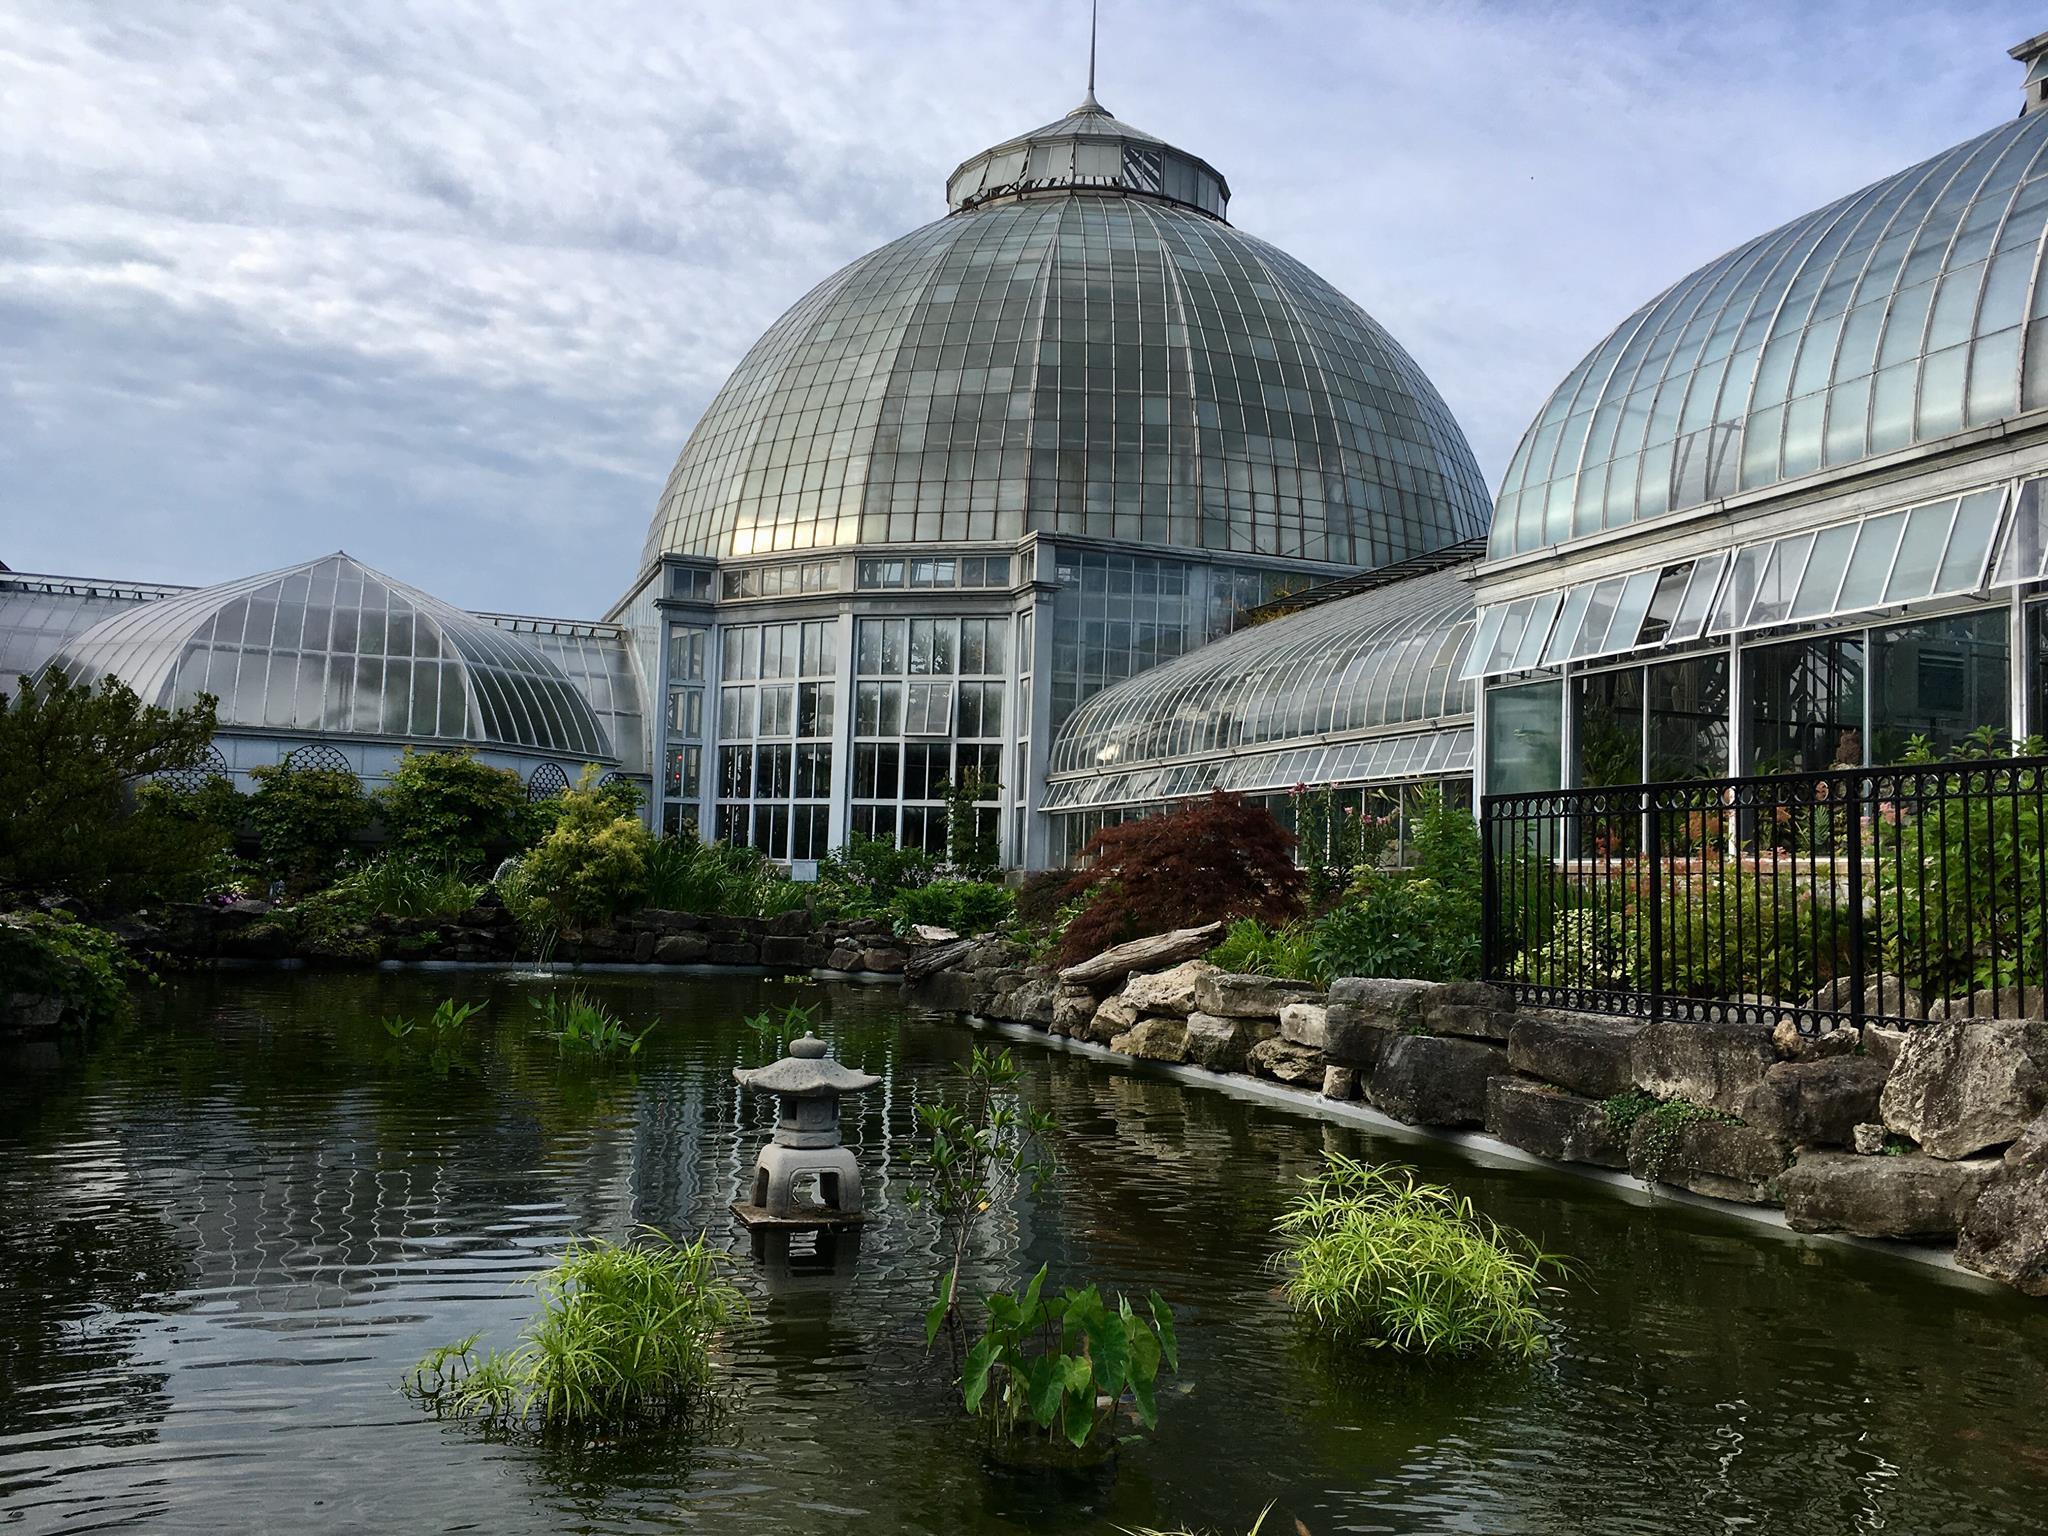 Visit Detroit S Belle Isle Conservatory